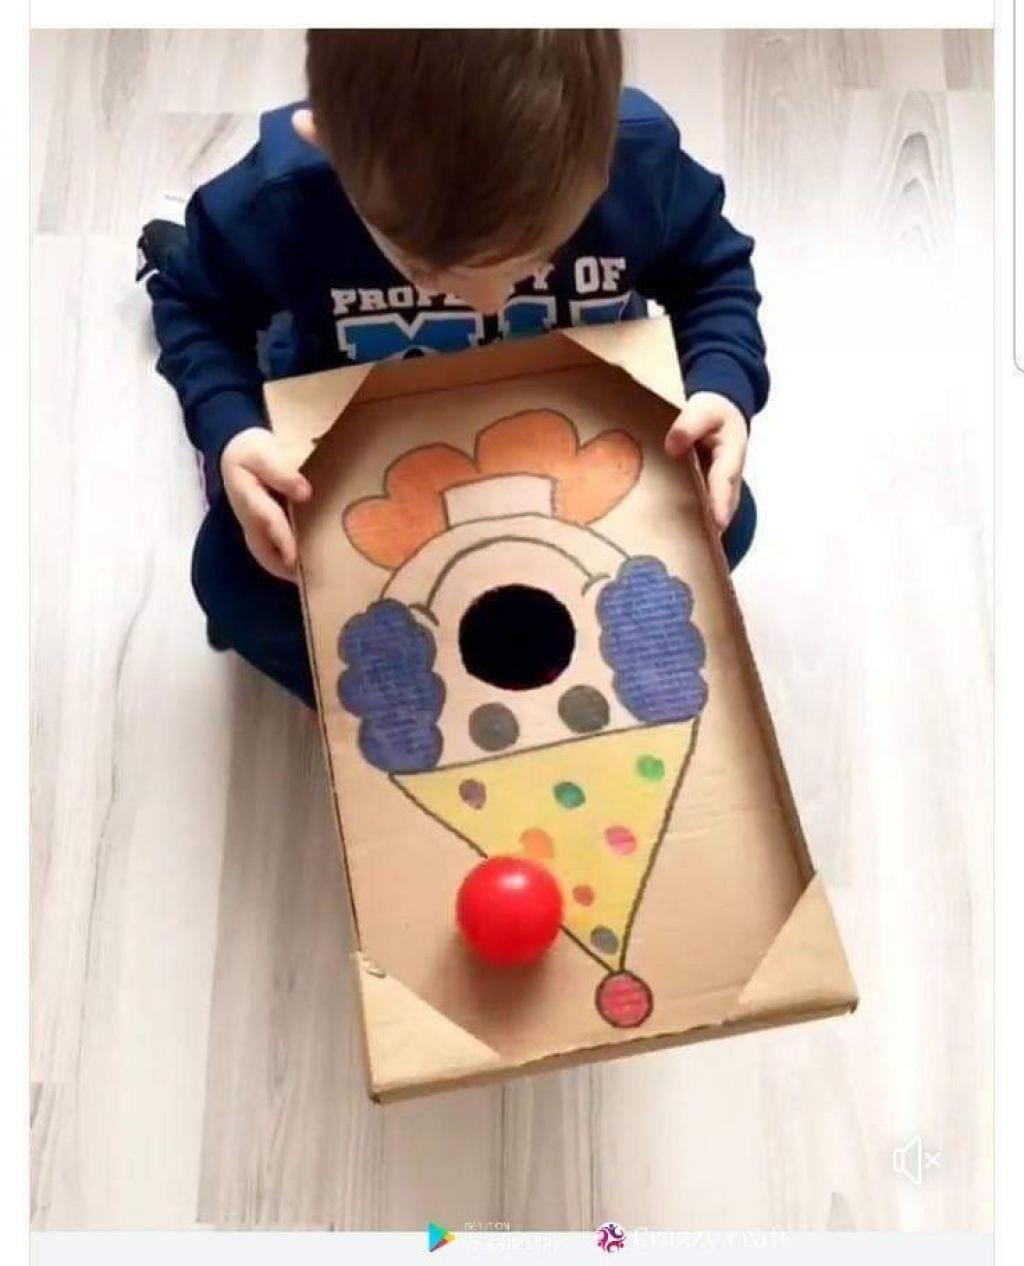 12 jeux pour enfants à fabriquer soi-même, pour des heures de plaisir! - Brico enfant - Trucs et Bricolages